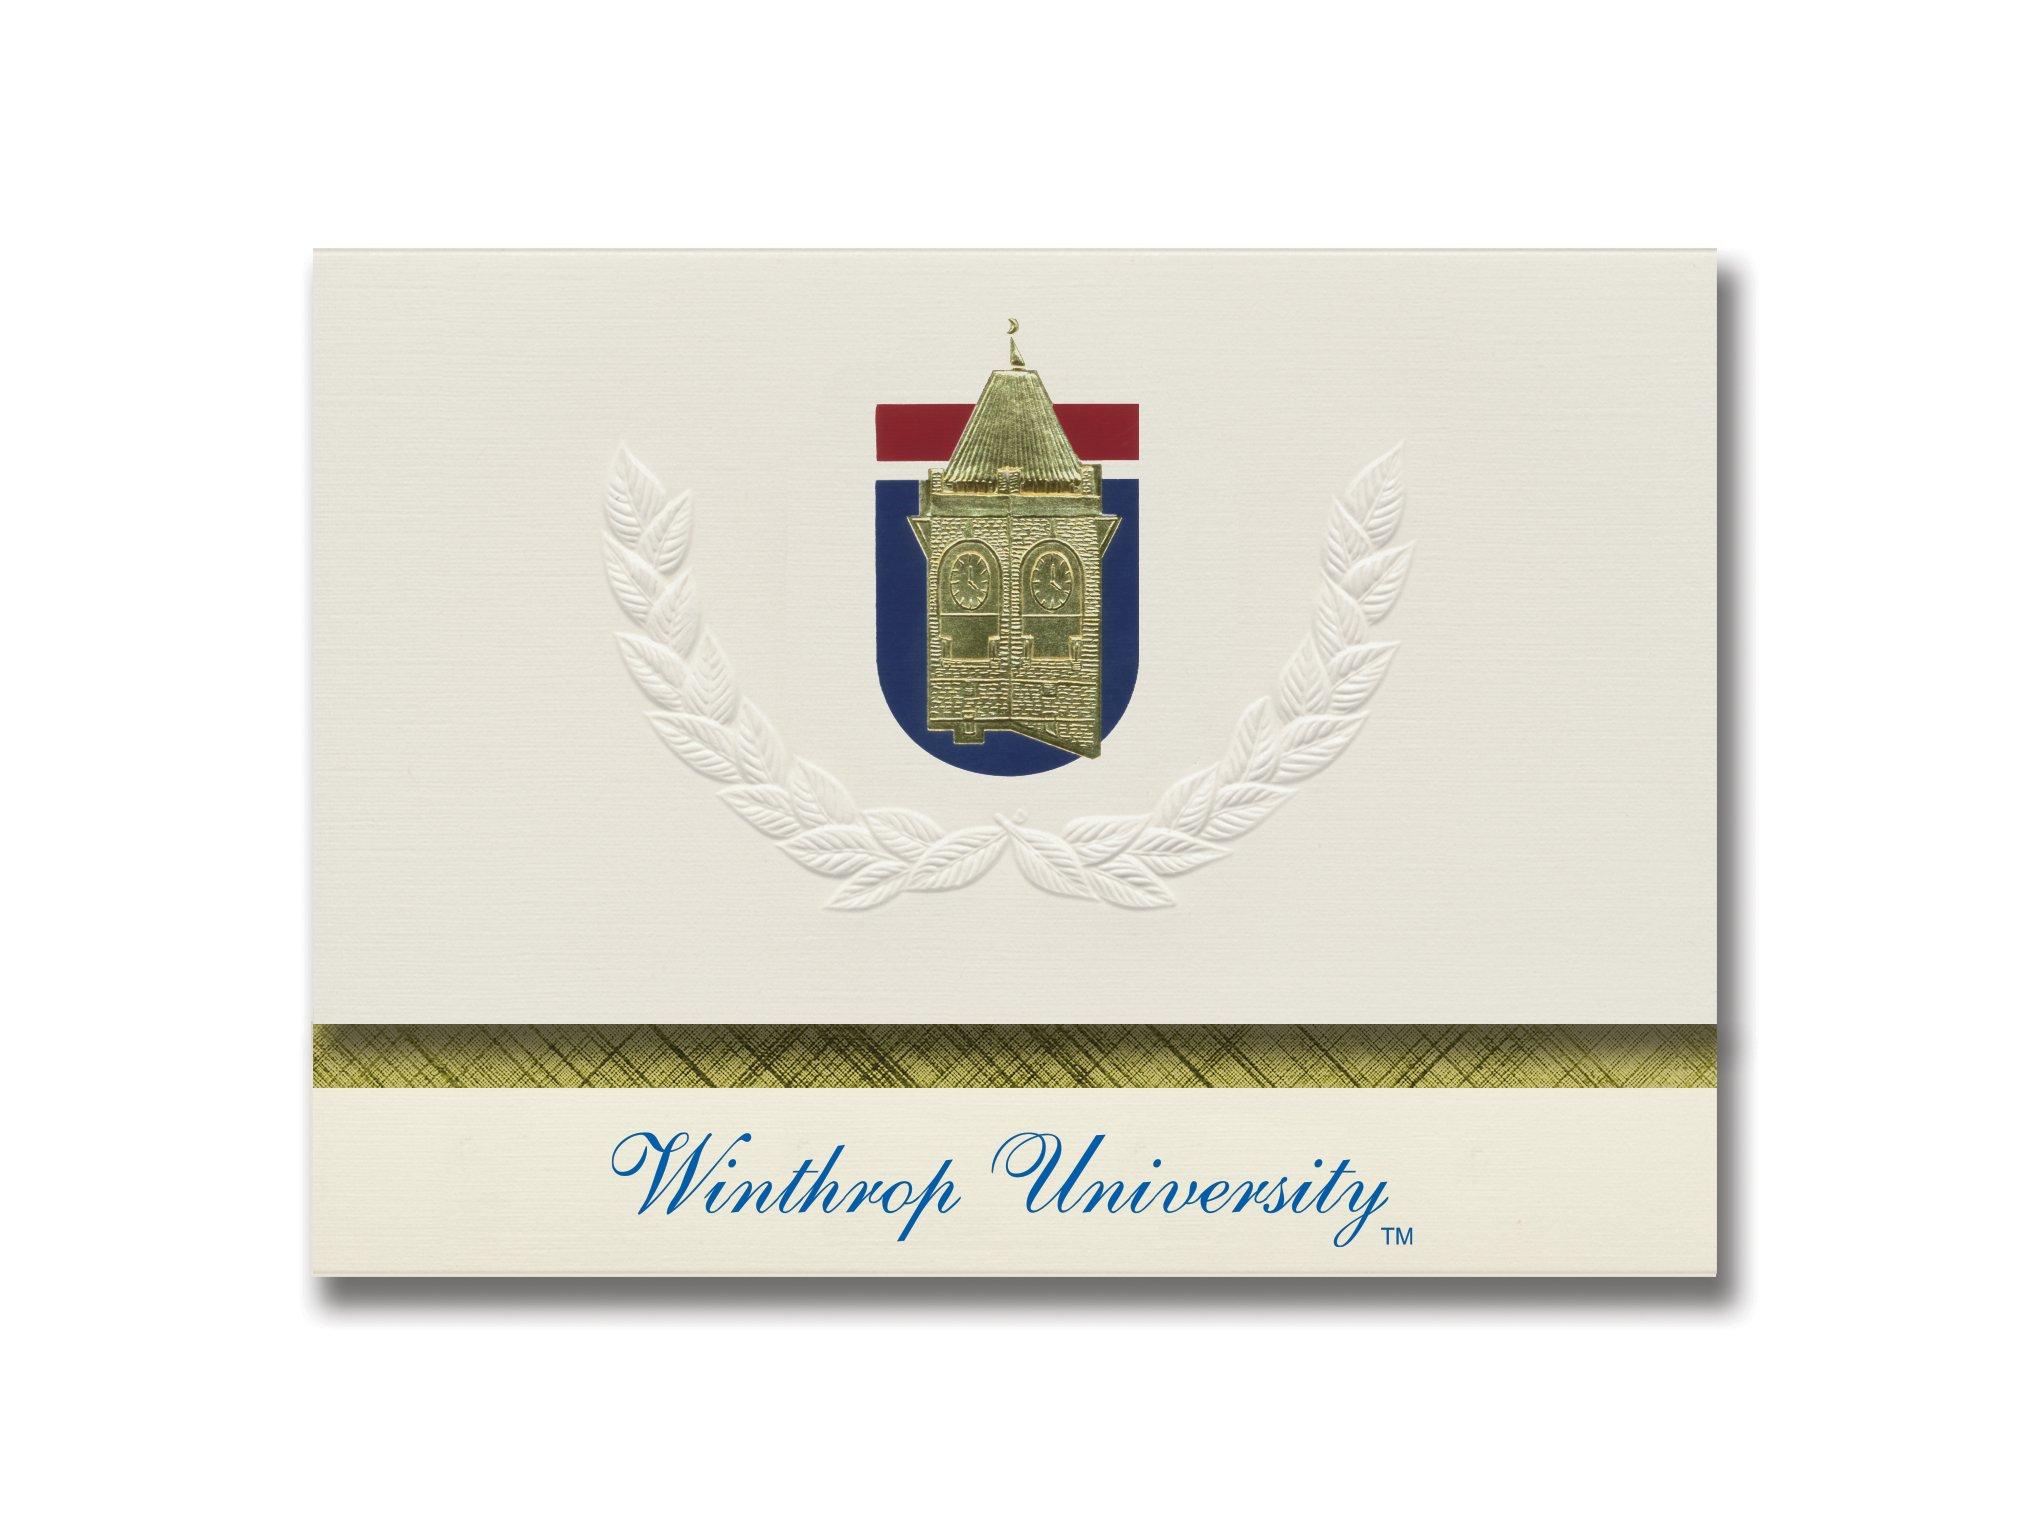 Signature Announcements Winthrop University Graduation Announcements, Platinum style, Elite Pack 20 with Winthrop U. Seal Foil